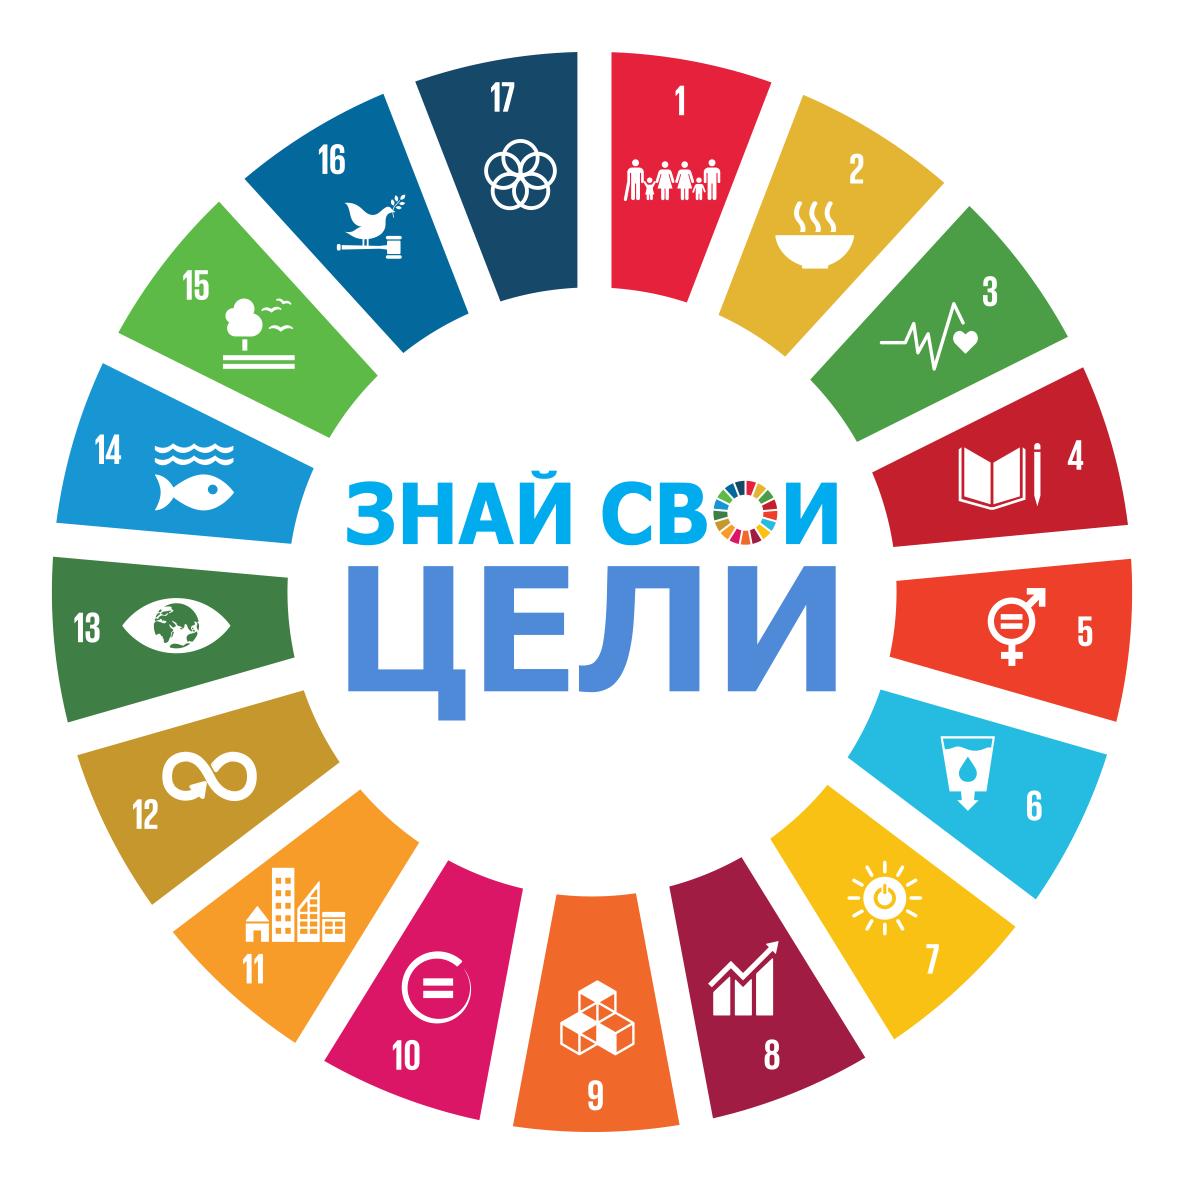 РНЕИ присоединяется к онлайн-кампании Открытой школы устойчивого развития #ЗнайСвоиЦели c 8 по 25 сентября